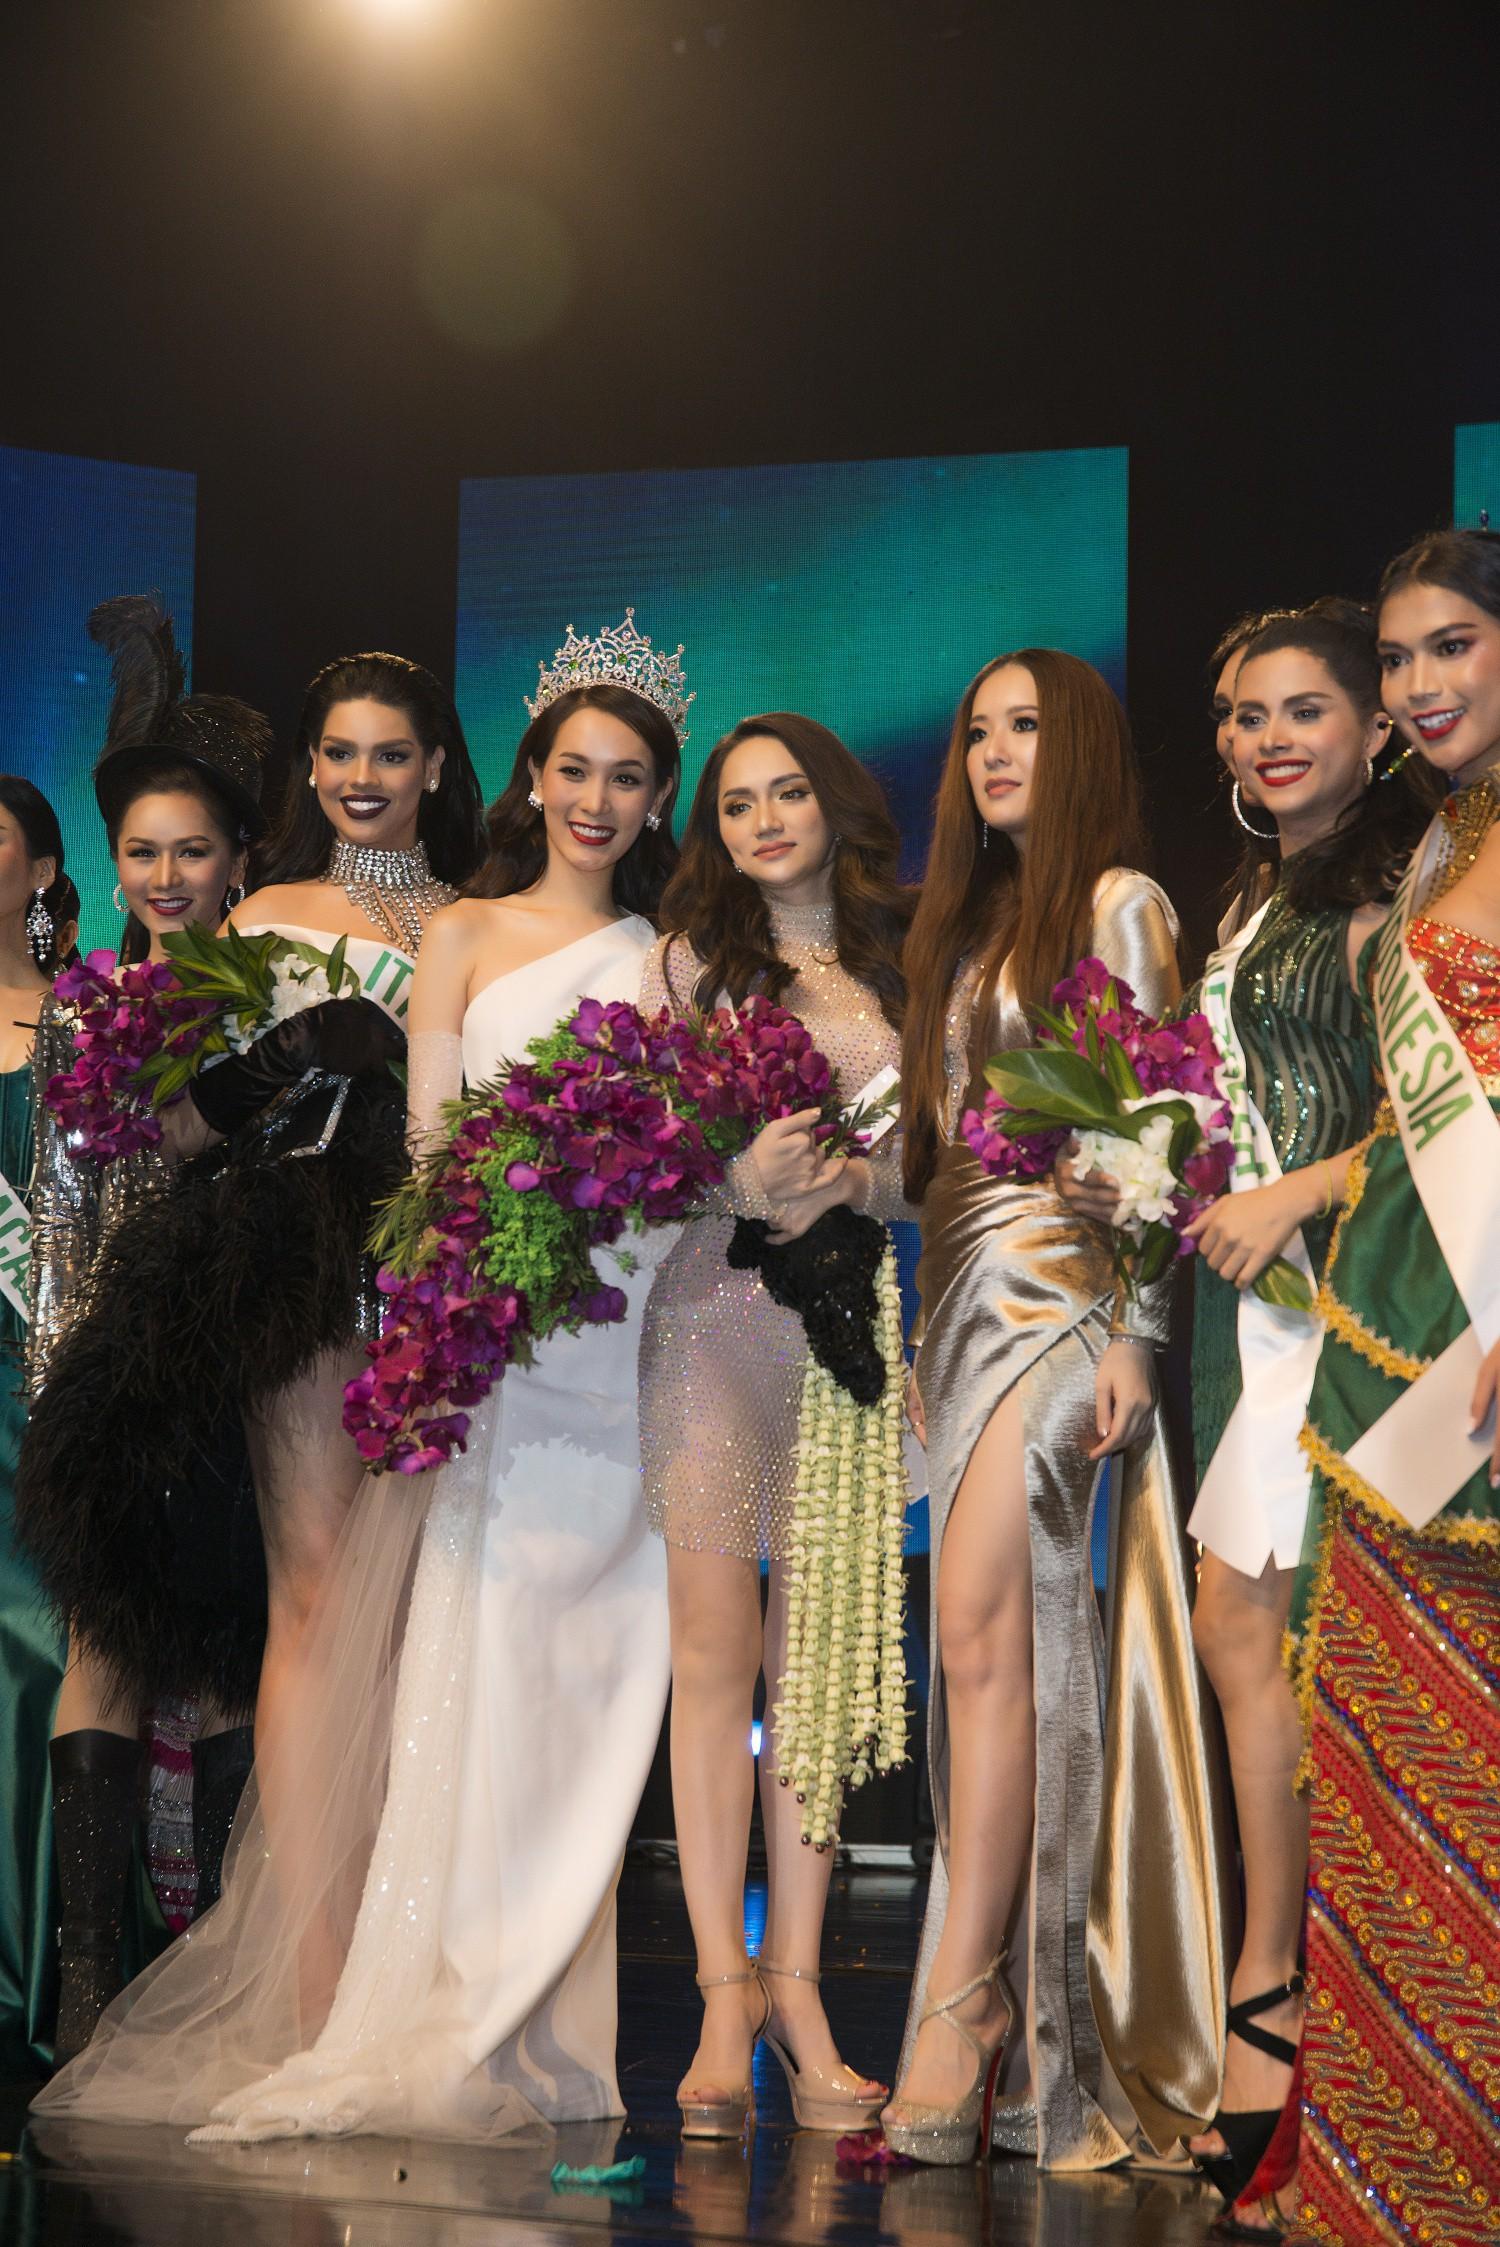 Hương Giang xuất sắc chiến thắng giải Tài năng tại Hoa hậu Chuyển giới Quốc tế 2018 - Ảnh 2.